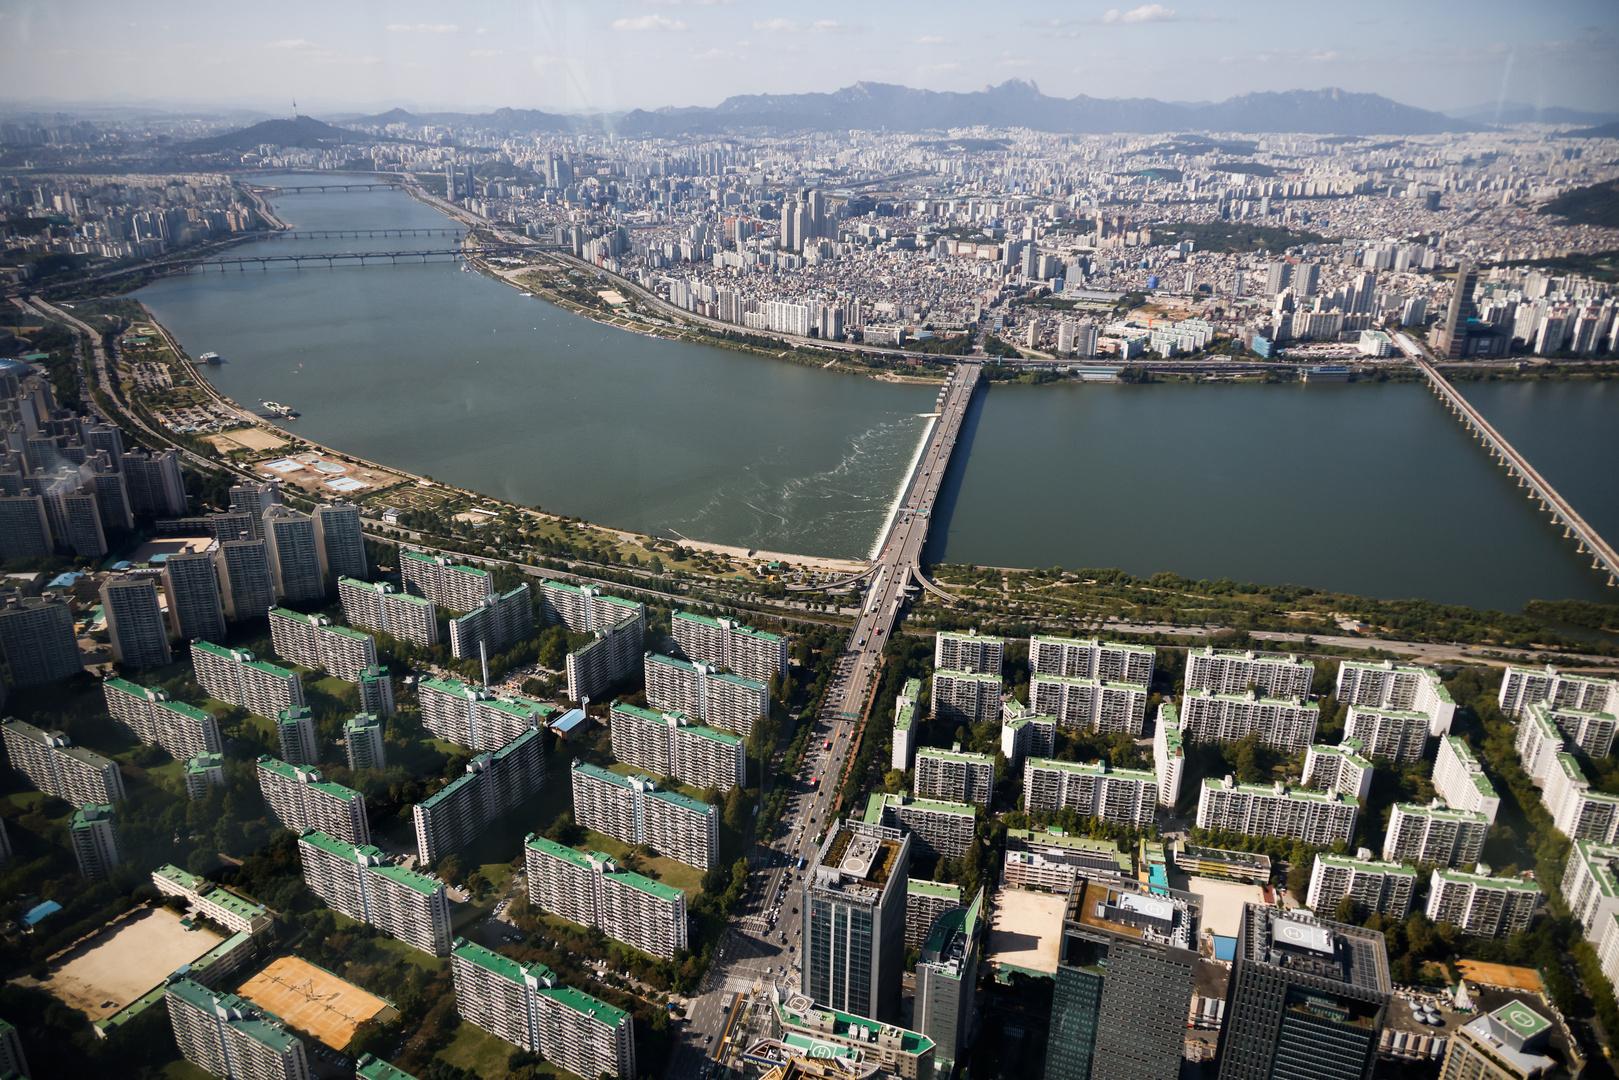 كوريا الجنوبية تترقب نتائج مؤتمر حزب العمال الحاكم في كوريا الشمالية